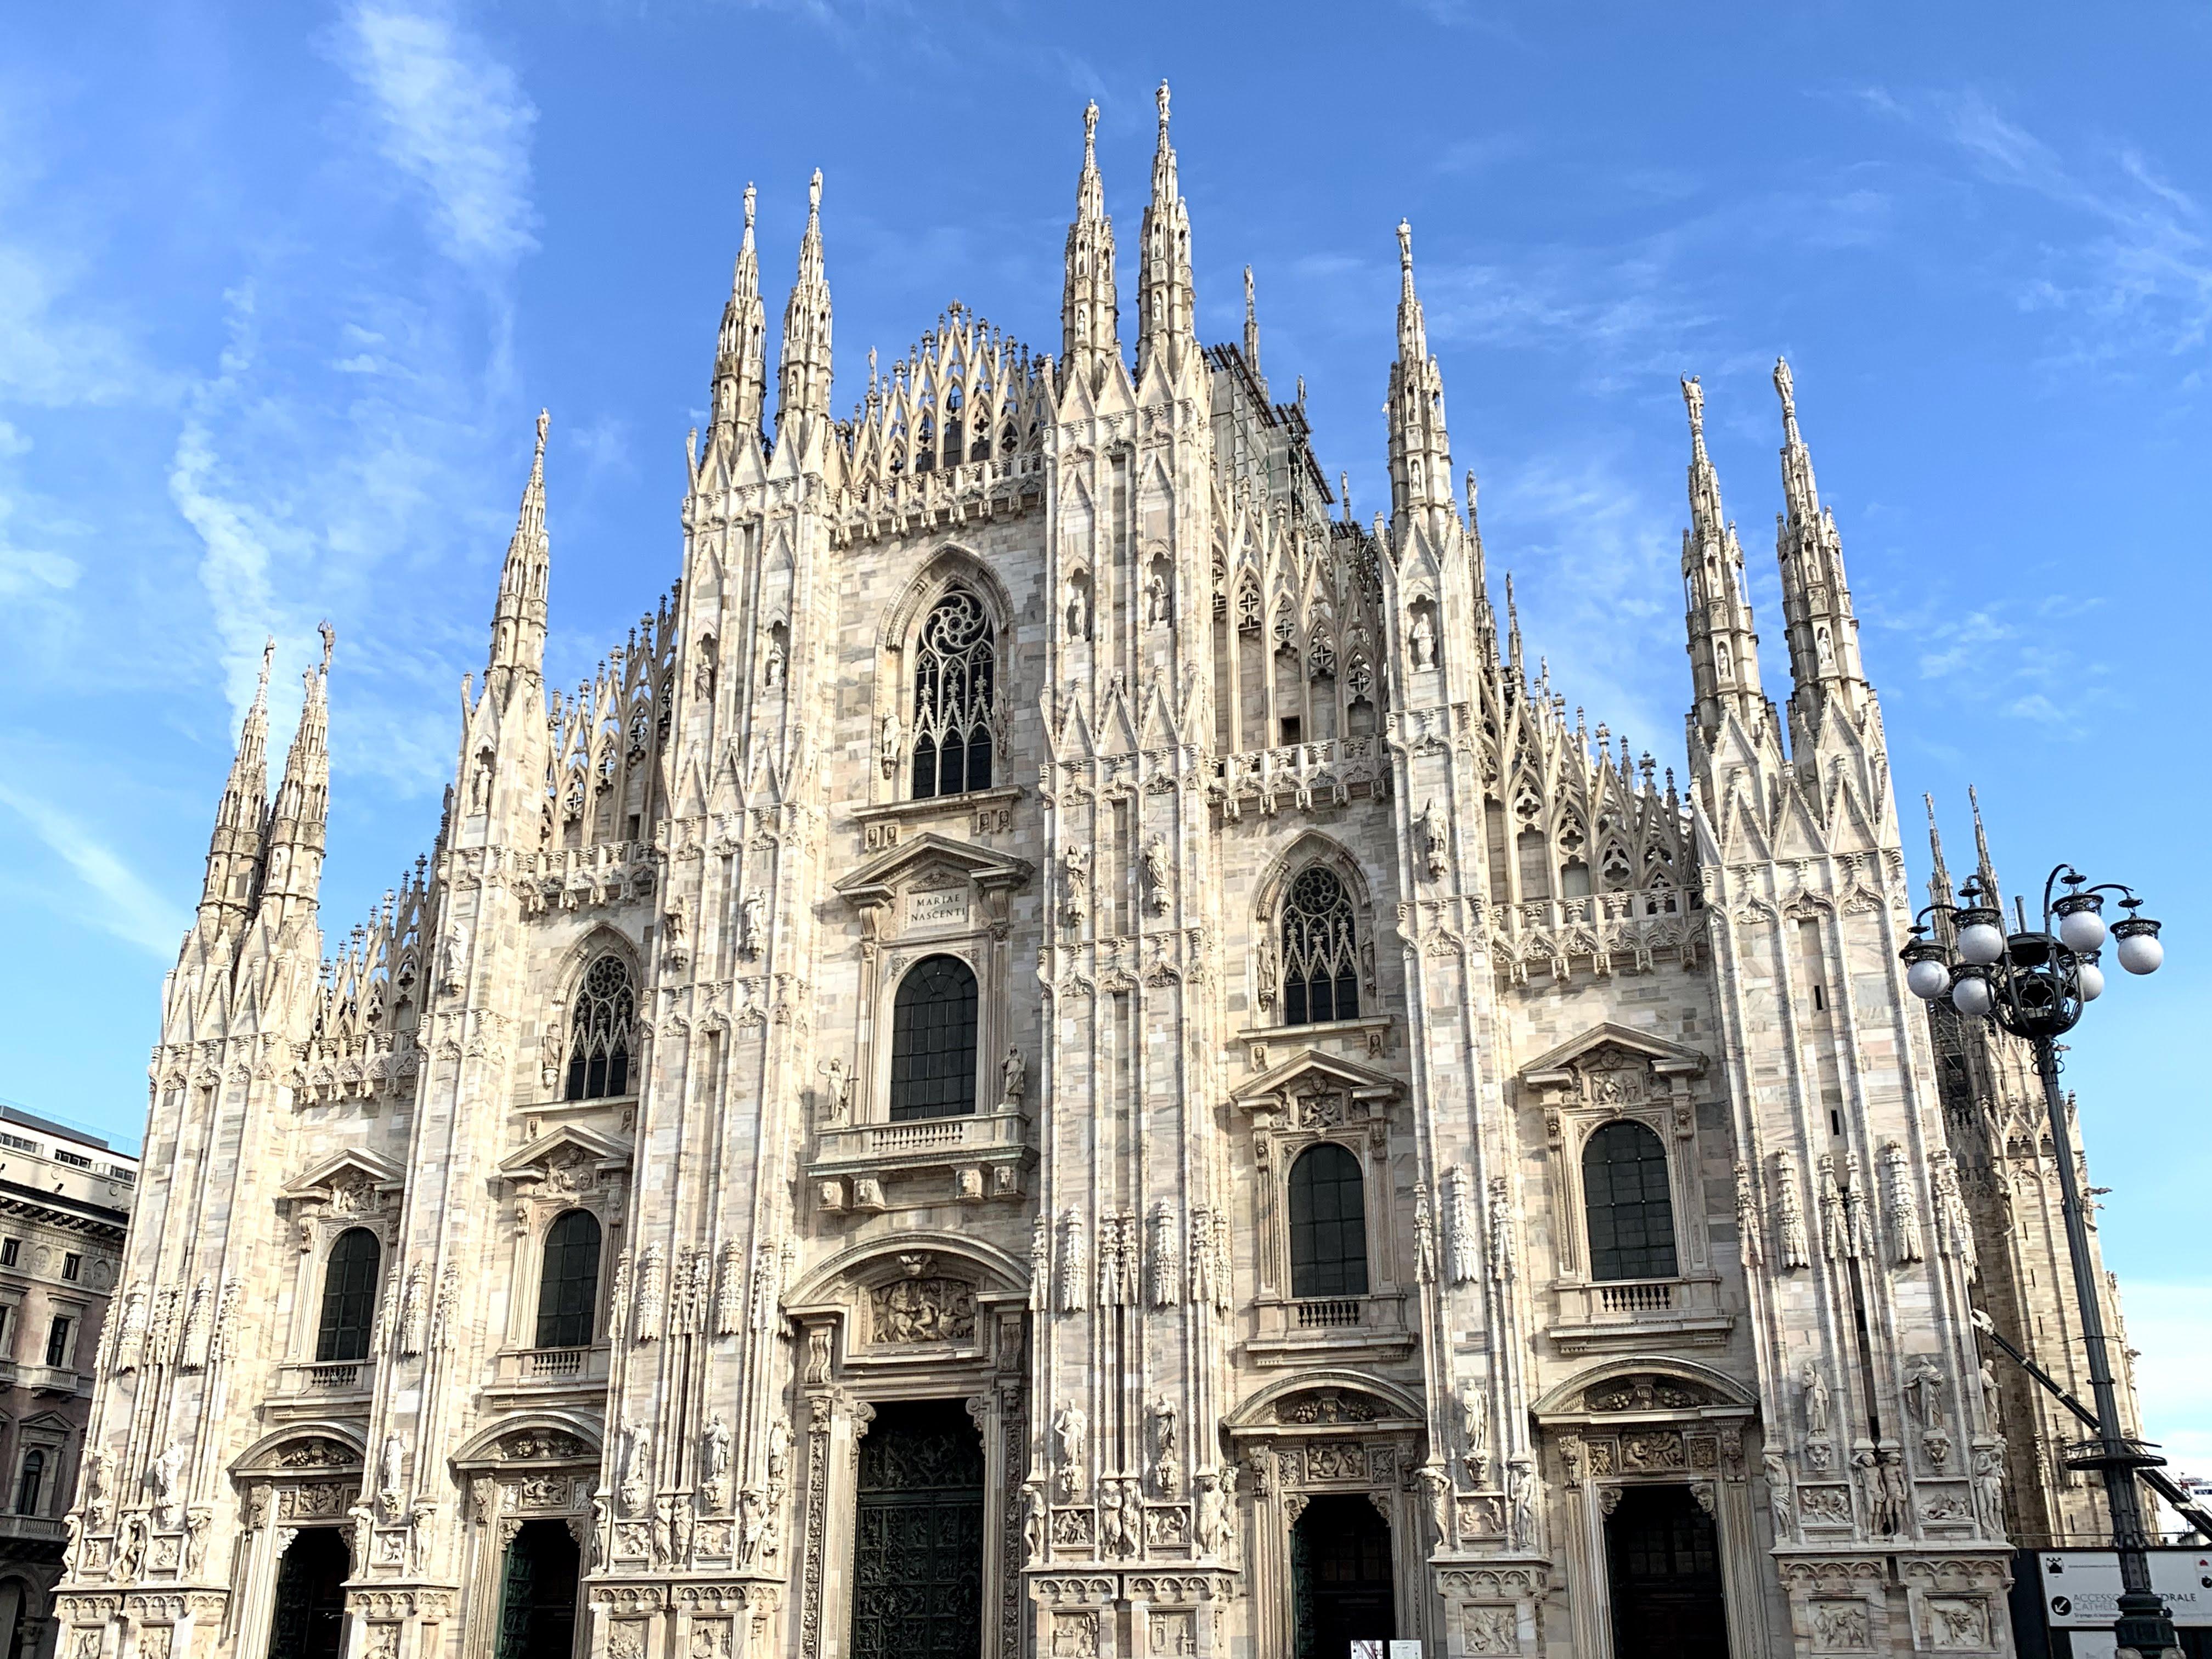 Visiter Milan en 3 jours : mes conseils et adresses